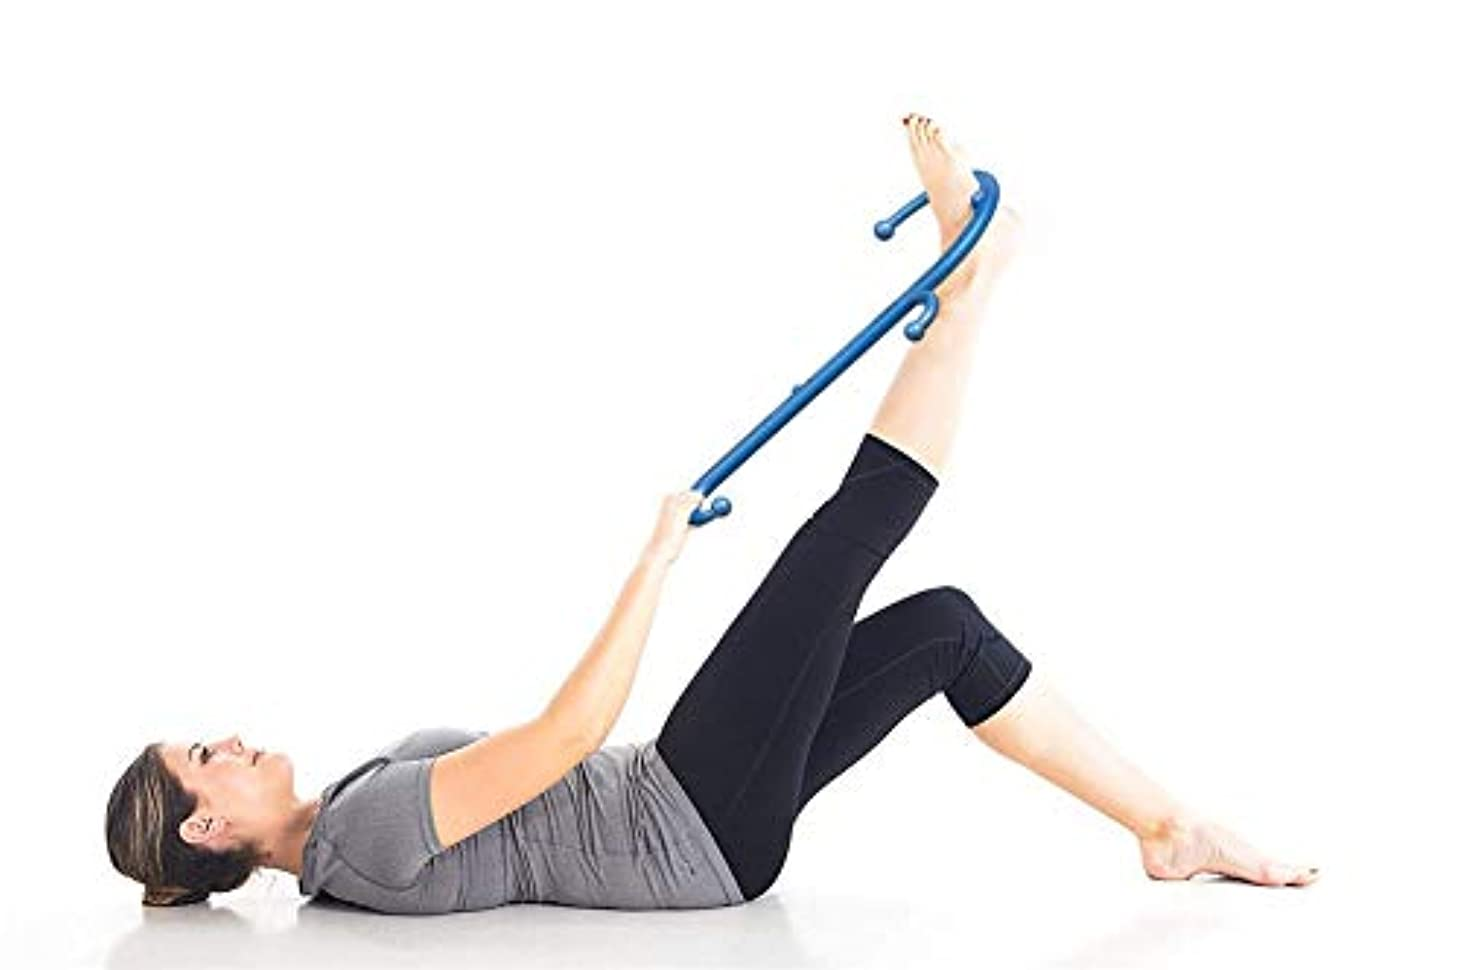 護衛変換飛行場肩と首の背中のマッサージャー11マッサージノブ筋肉フック指のマッサージャーS形、首と肩の痛みを和らげる筋膜